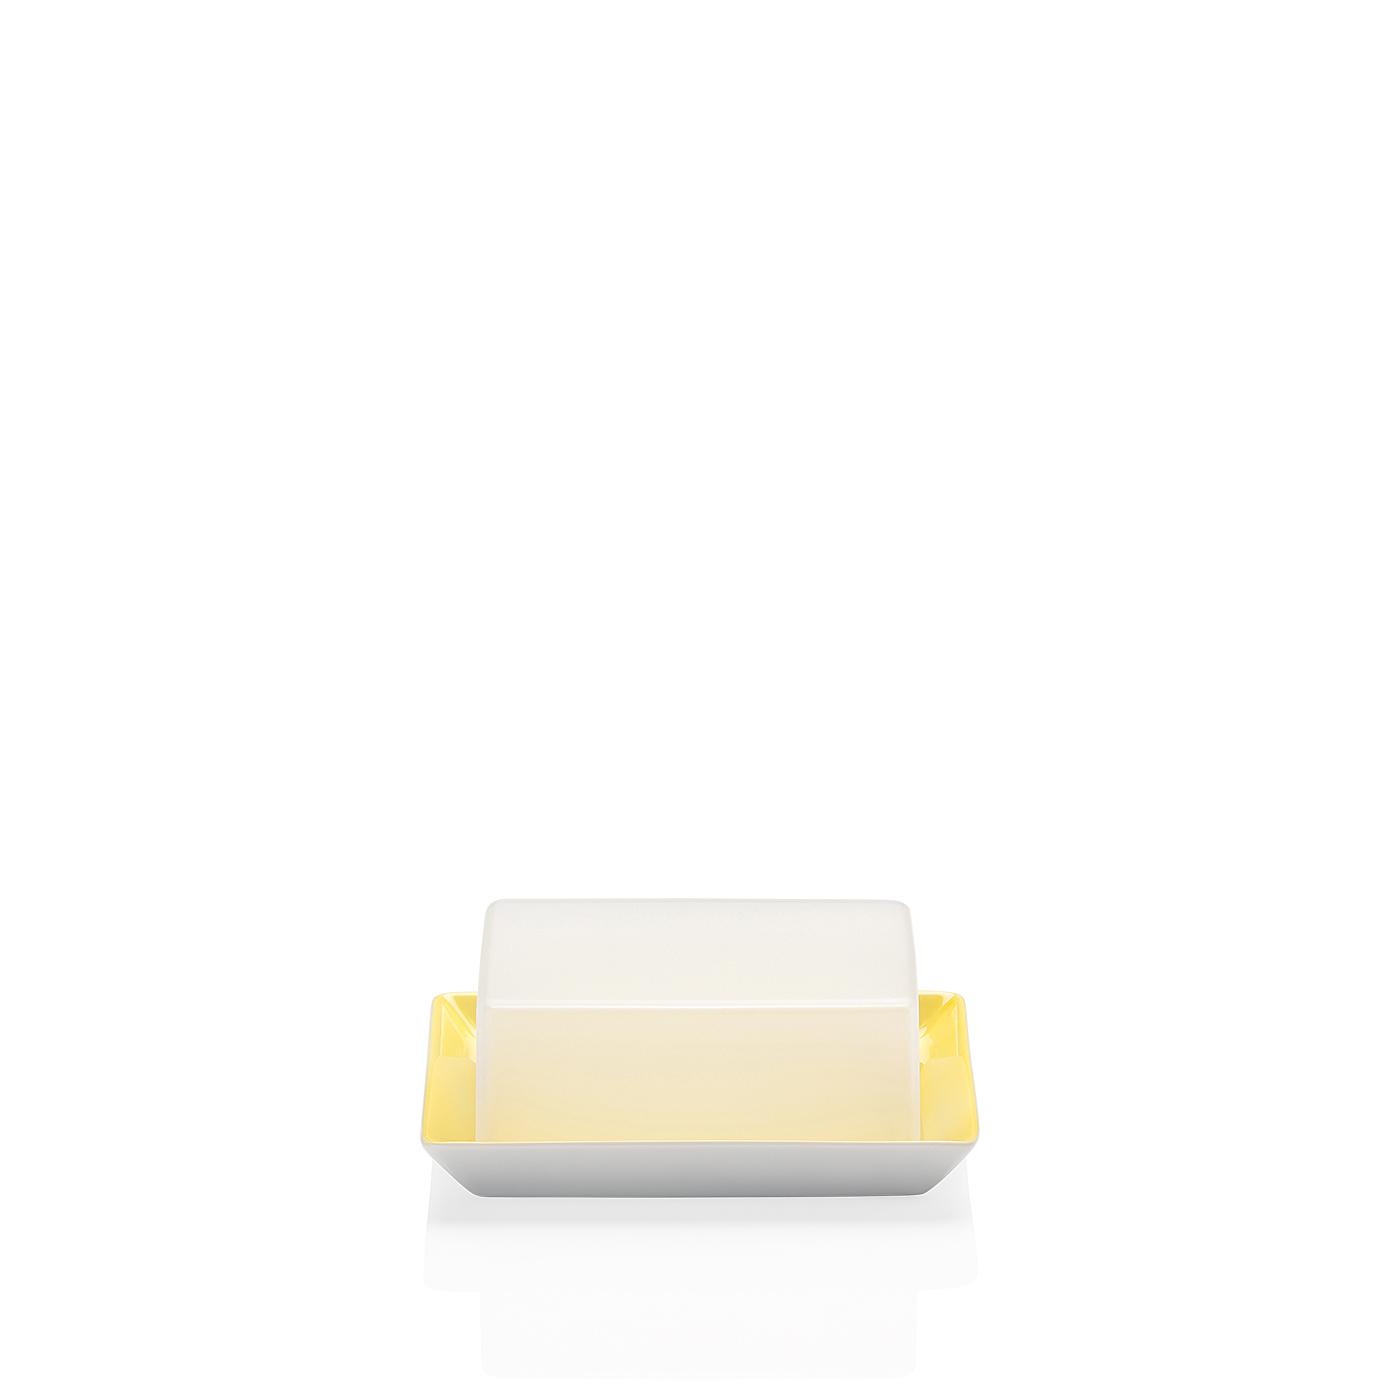 Butterdose Tric Gelb Arzberg